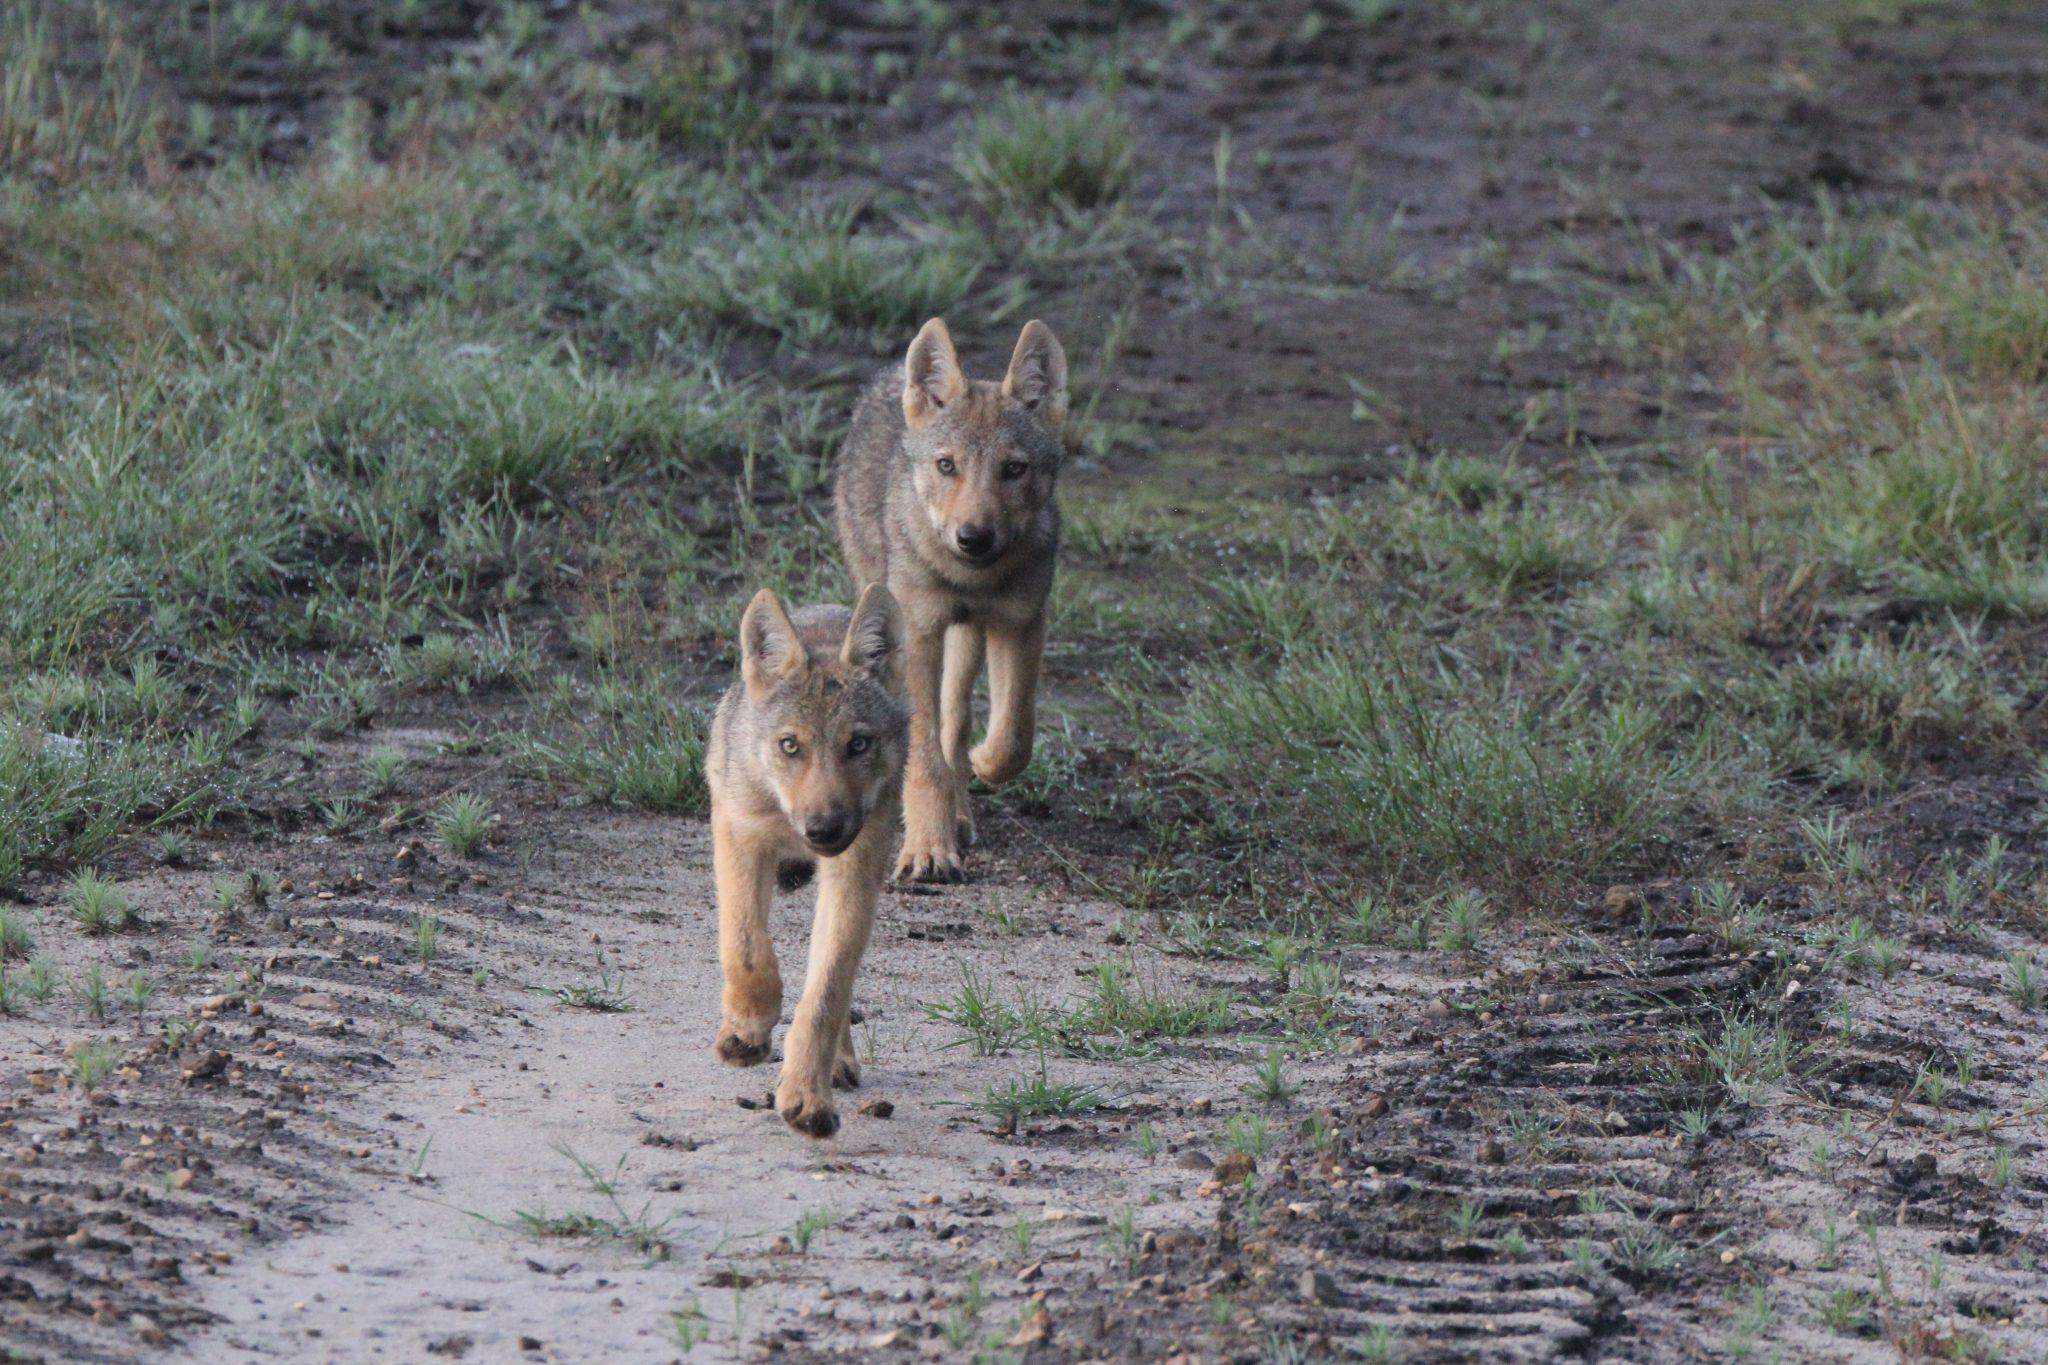 Bereits neun Wolfsrudel gibt es allein in Niedersachsen. Im Rahmen einer gemeinnützigen Biosphere Expedition sollen nun Laienforscher Daten über ihr Verbreitungsgebiet sammeln. (Foto: Theo Gruentjens)